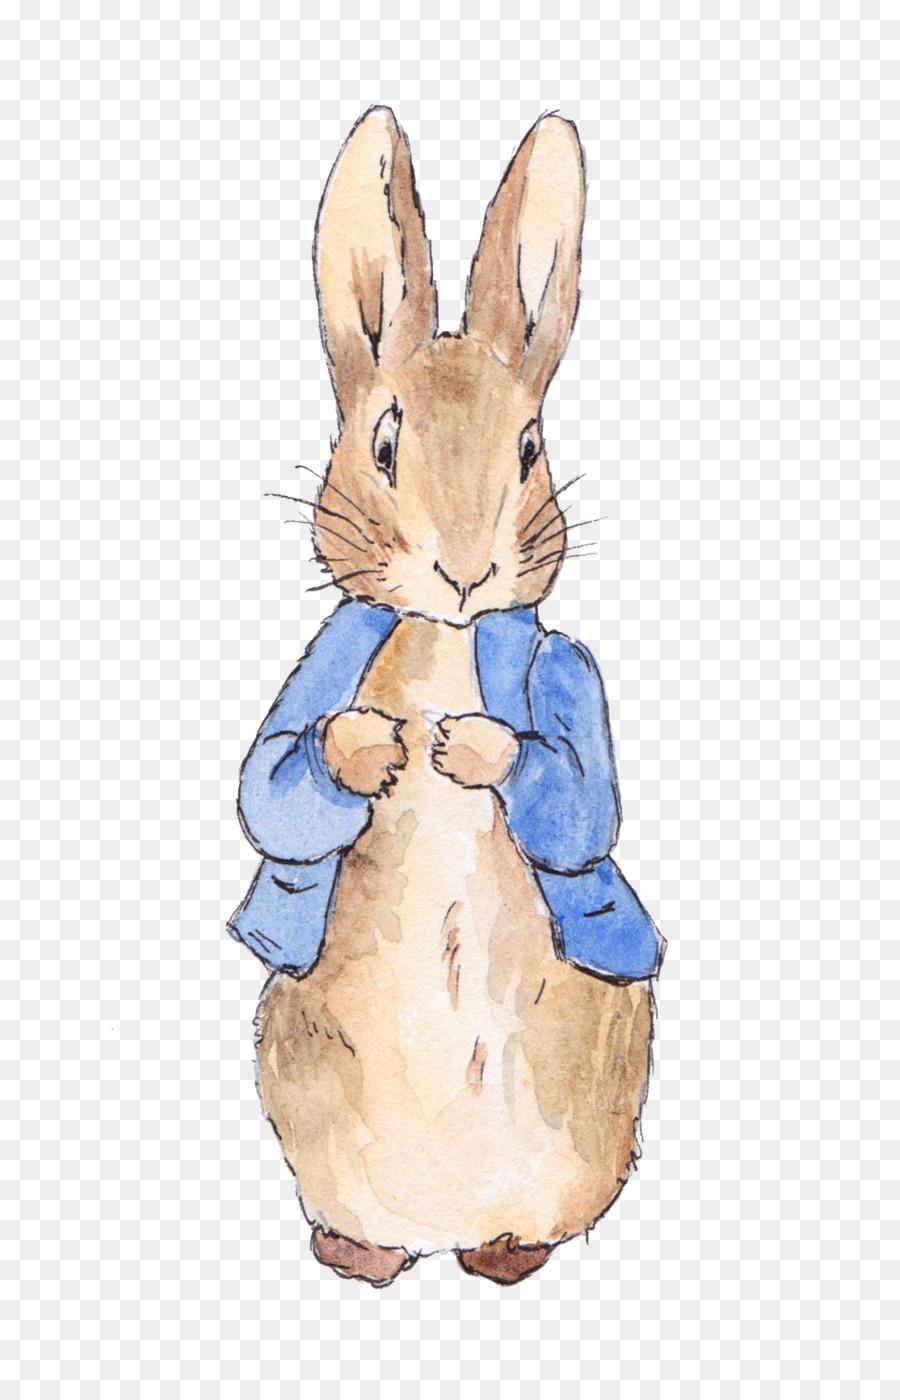 Descarga gratuita de Peter Rabbit, Cuento De Peter Rabbit, Invitación De La Boda Imágen de Png